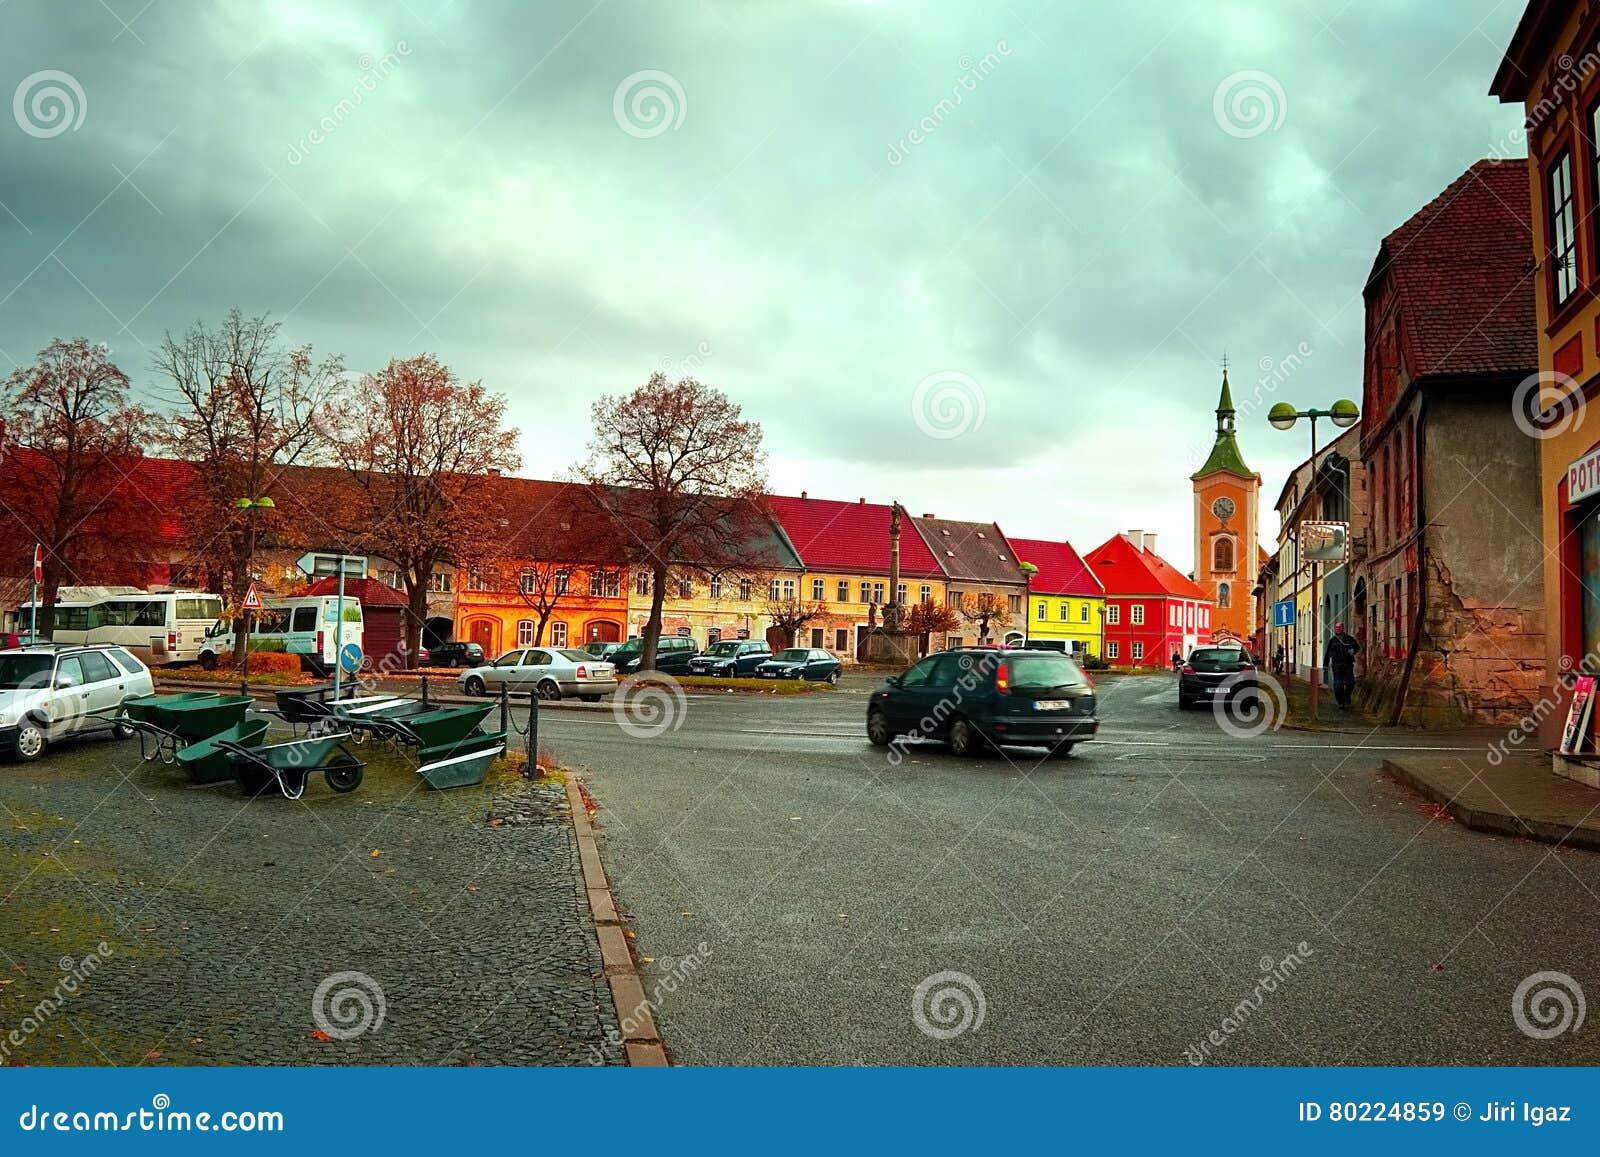 Kravare Machuv kraj, Tjeckien - oktober 29: detalj av genomskärningen nära fyrkanten med aktuellt erbjudande av metallskottkärror